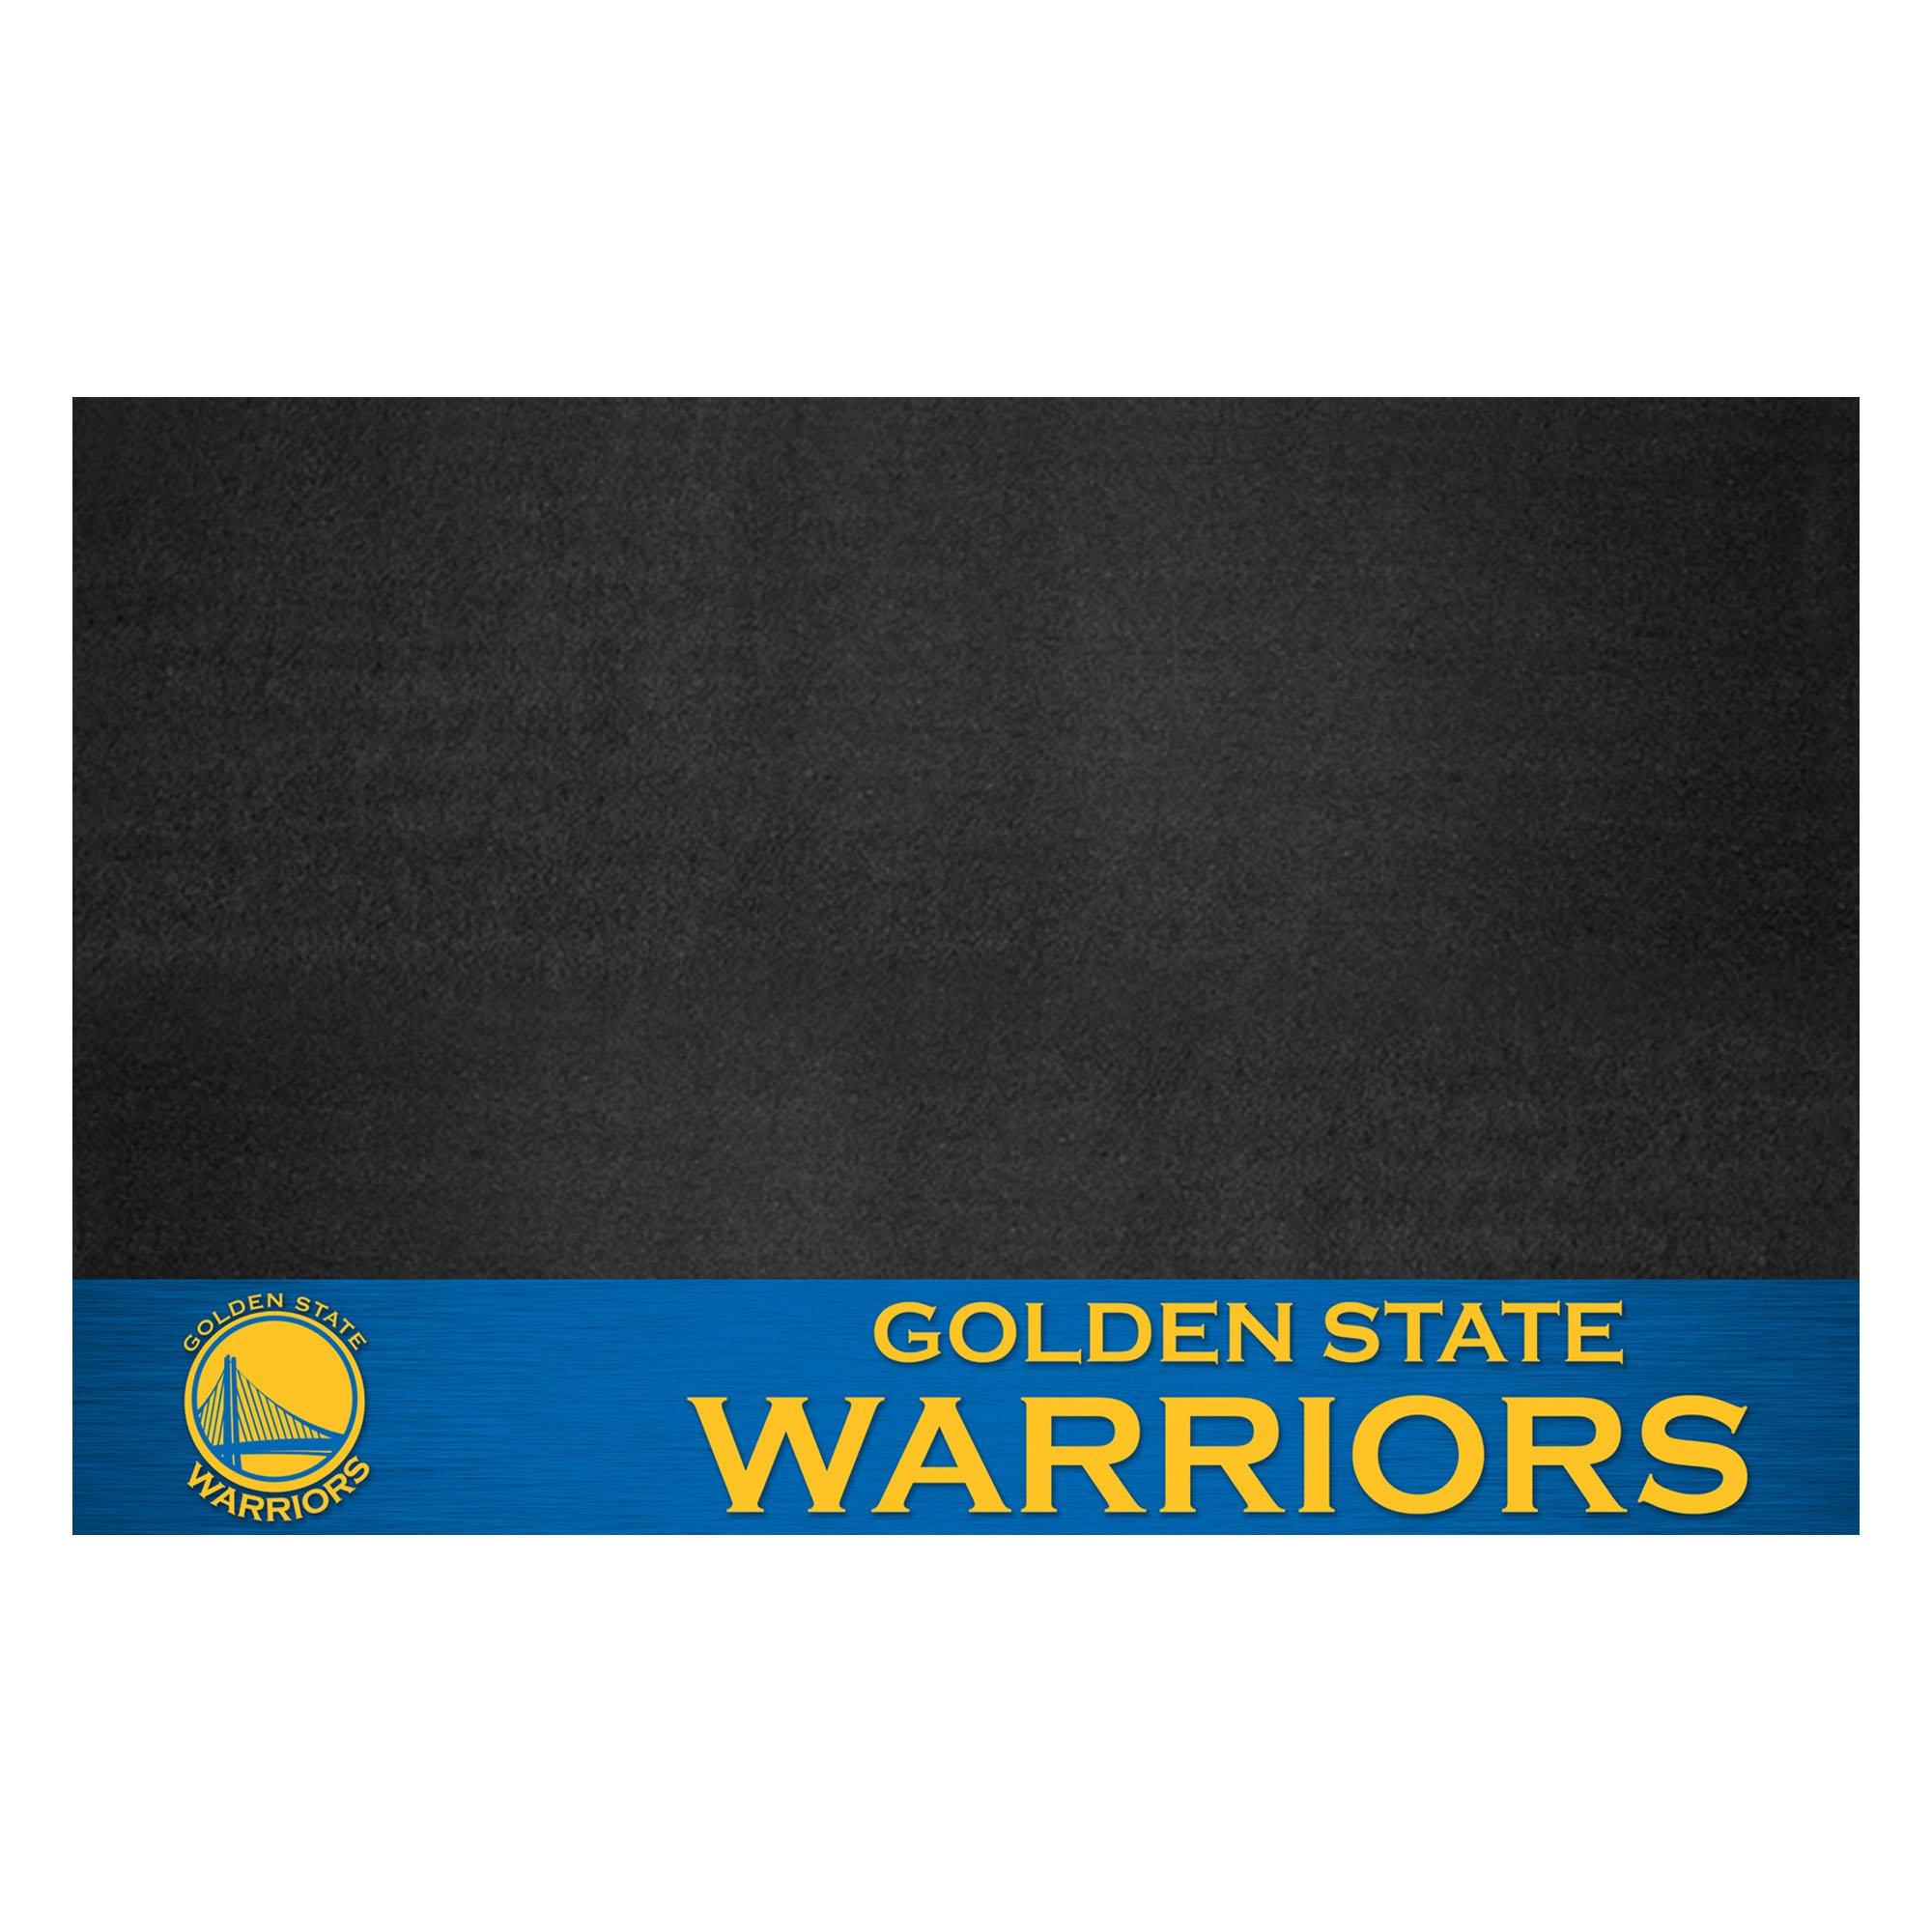 Fanmats 14204 NBA Golden State Warriors Grill Mat